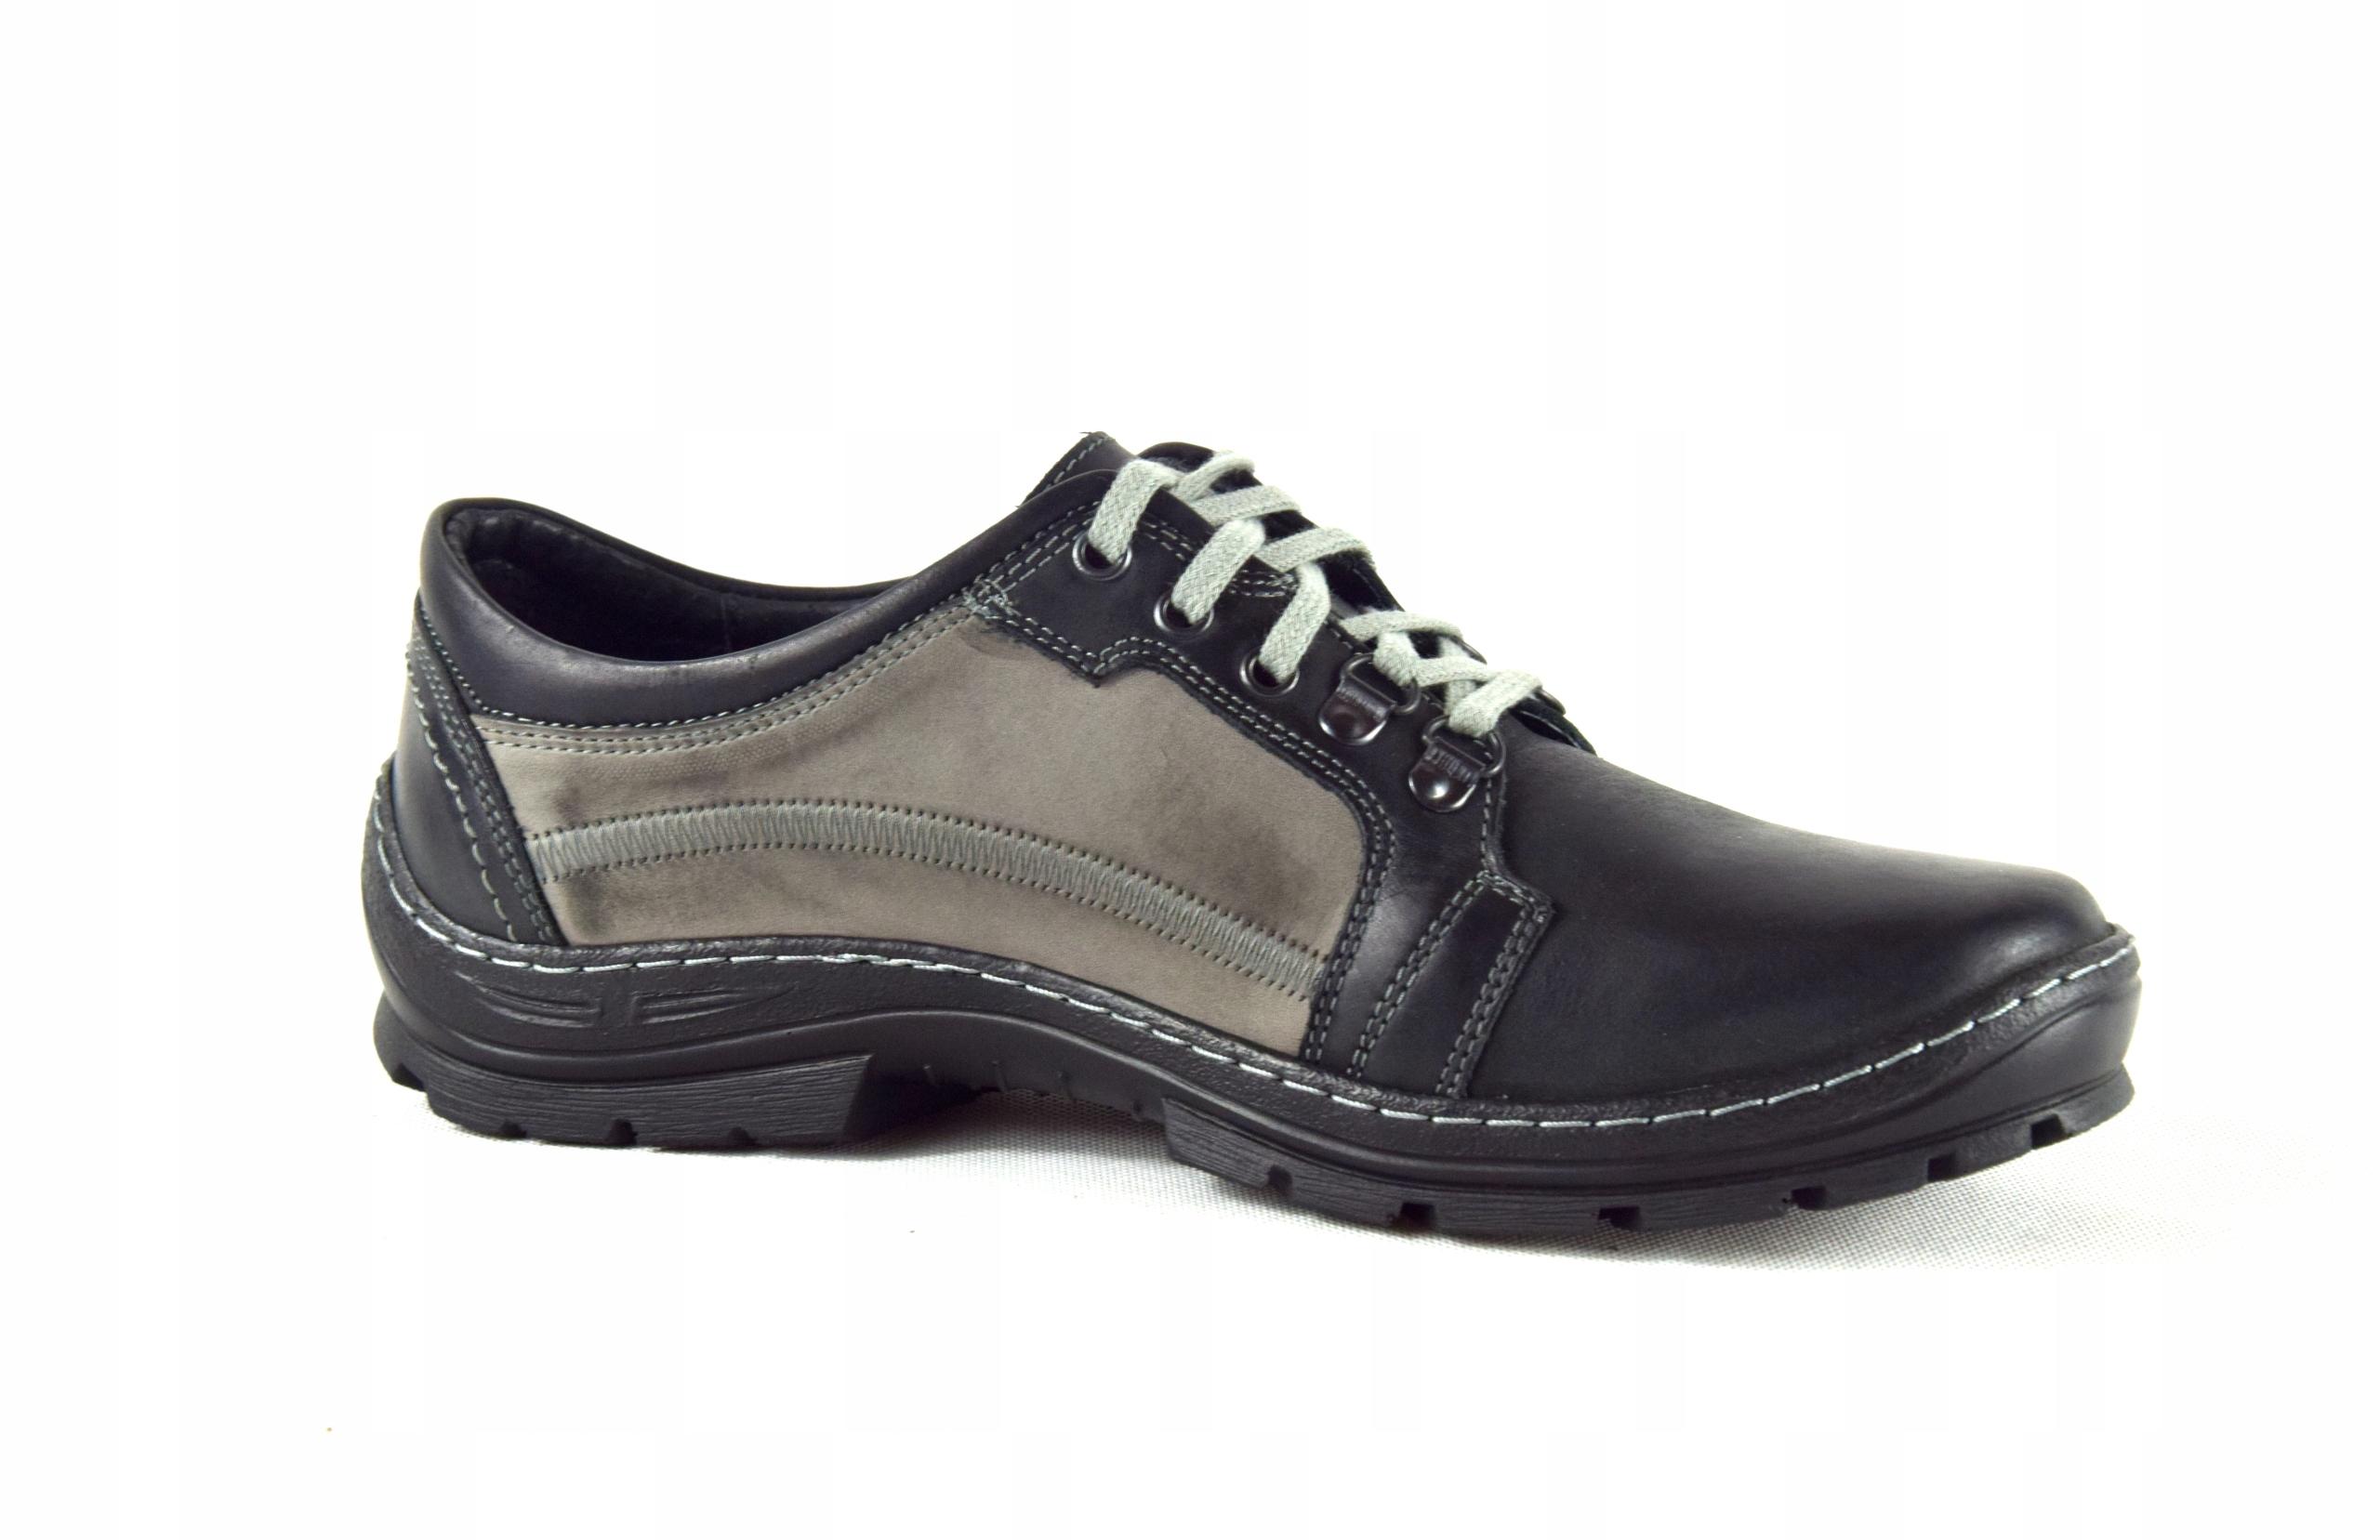 Półbuty trekkingowe męskie buty skórzane PL 192 Rozmiar 42